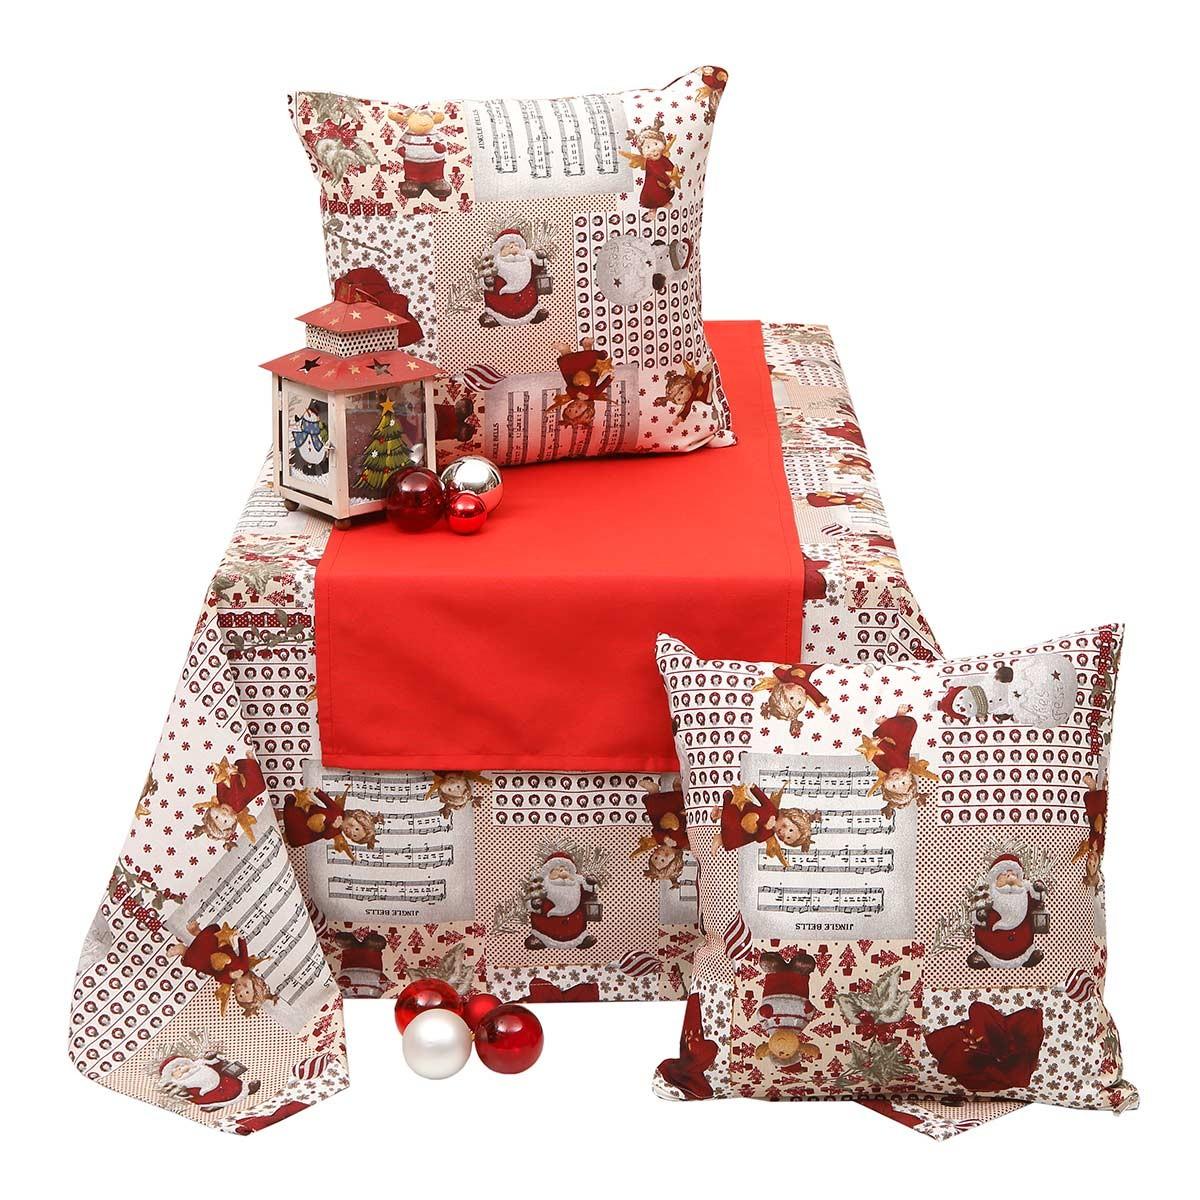 Χριστουγεννιάτικο Τραπεζομάντηλο (140×220) Viopros 4435